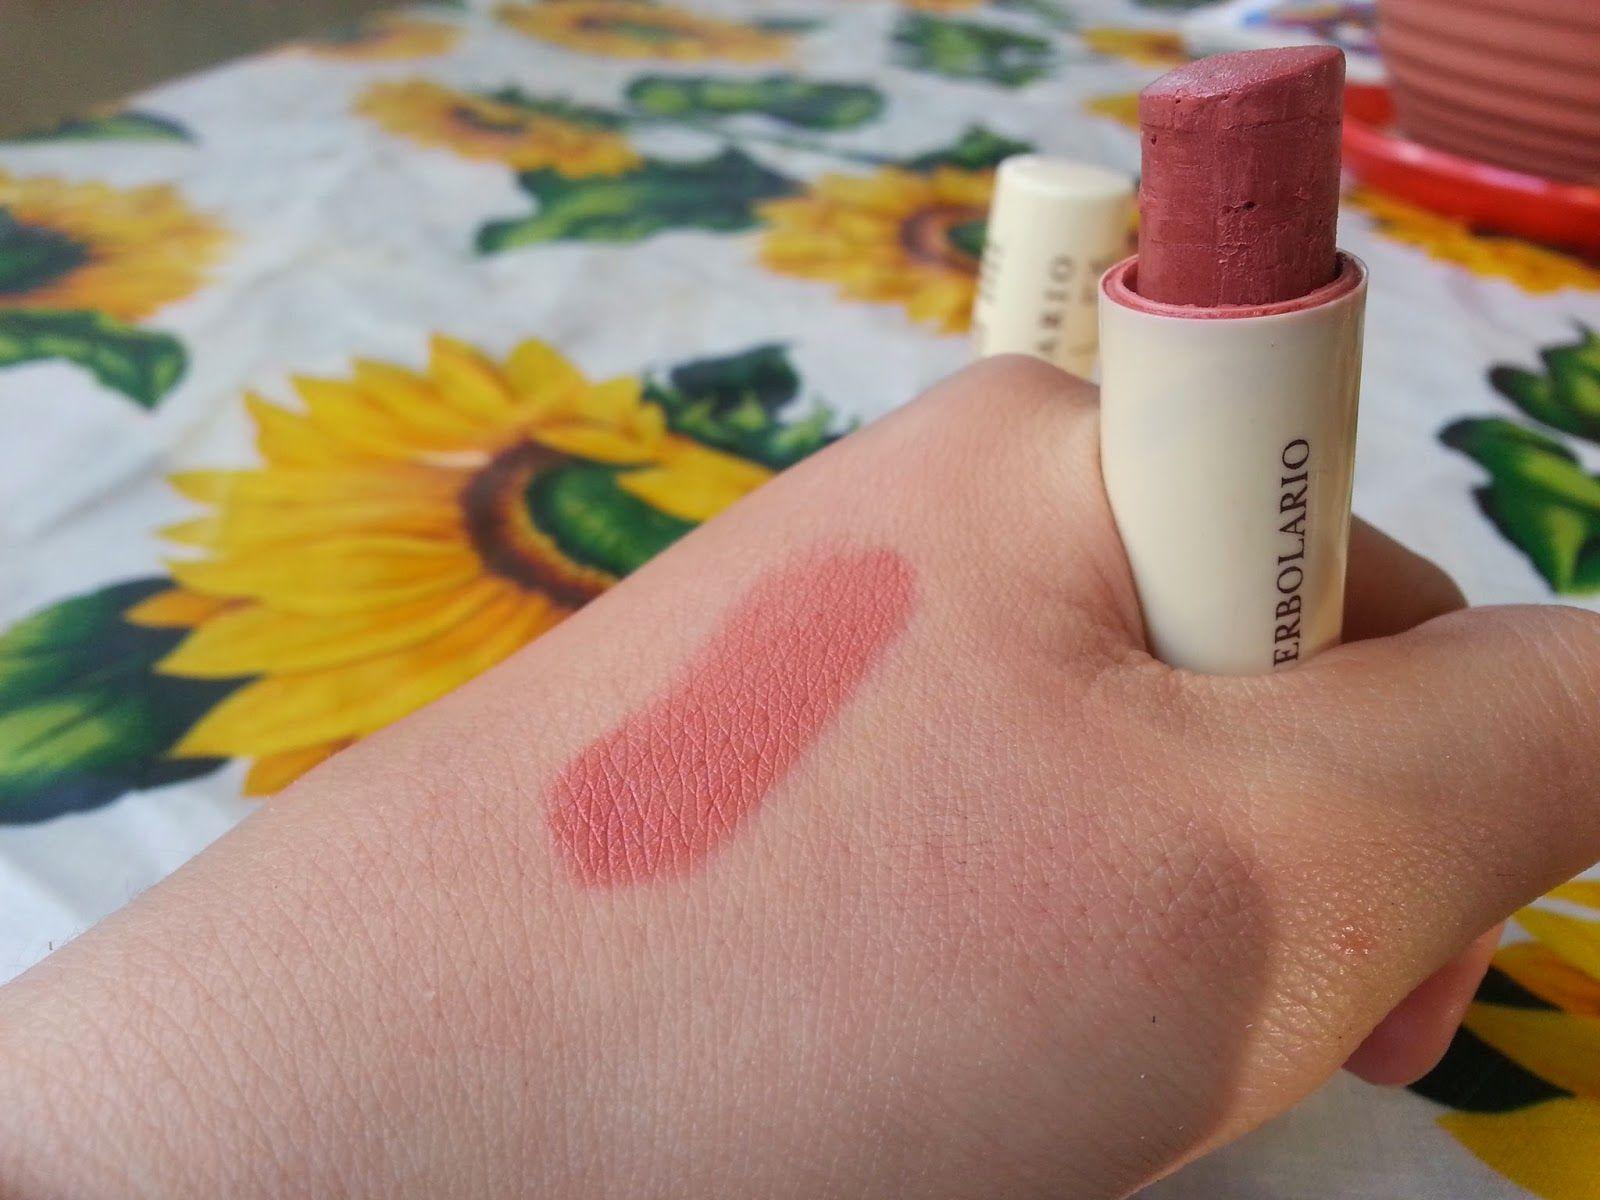 Gli spignatti di Misa: Burrocacao-rossetto morbido e pigmentato